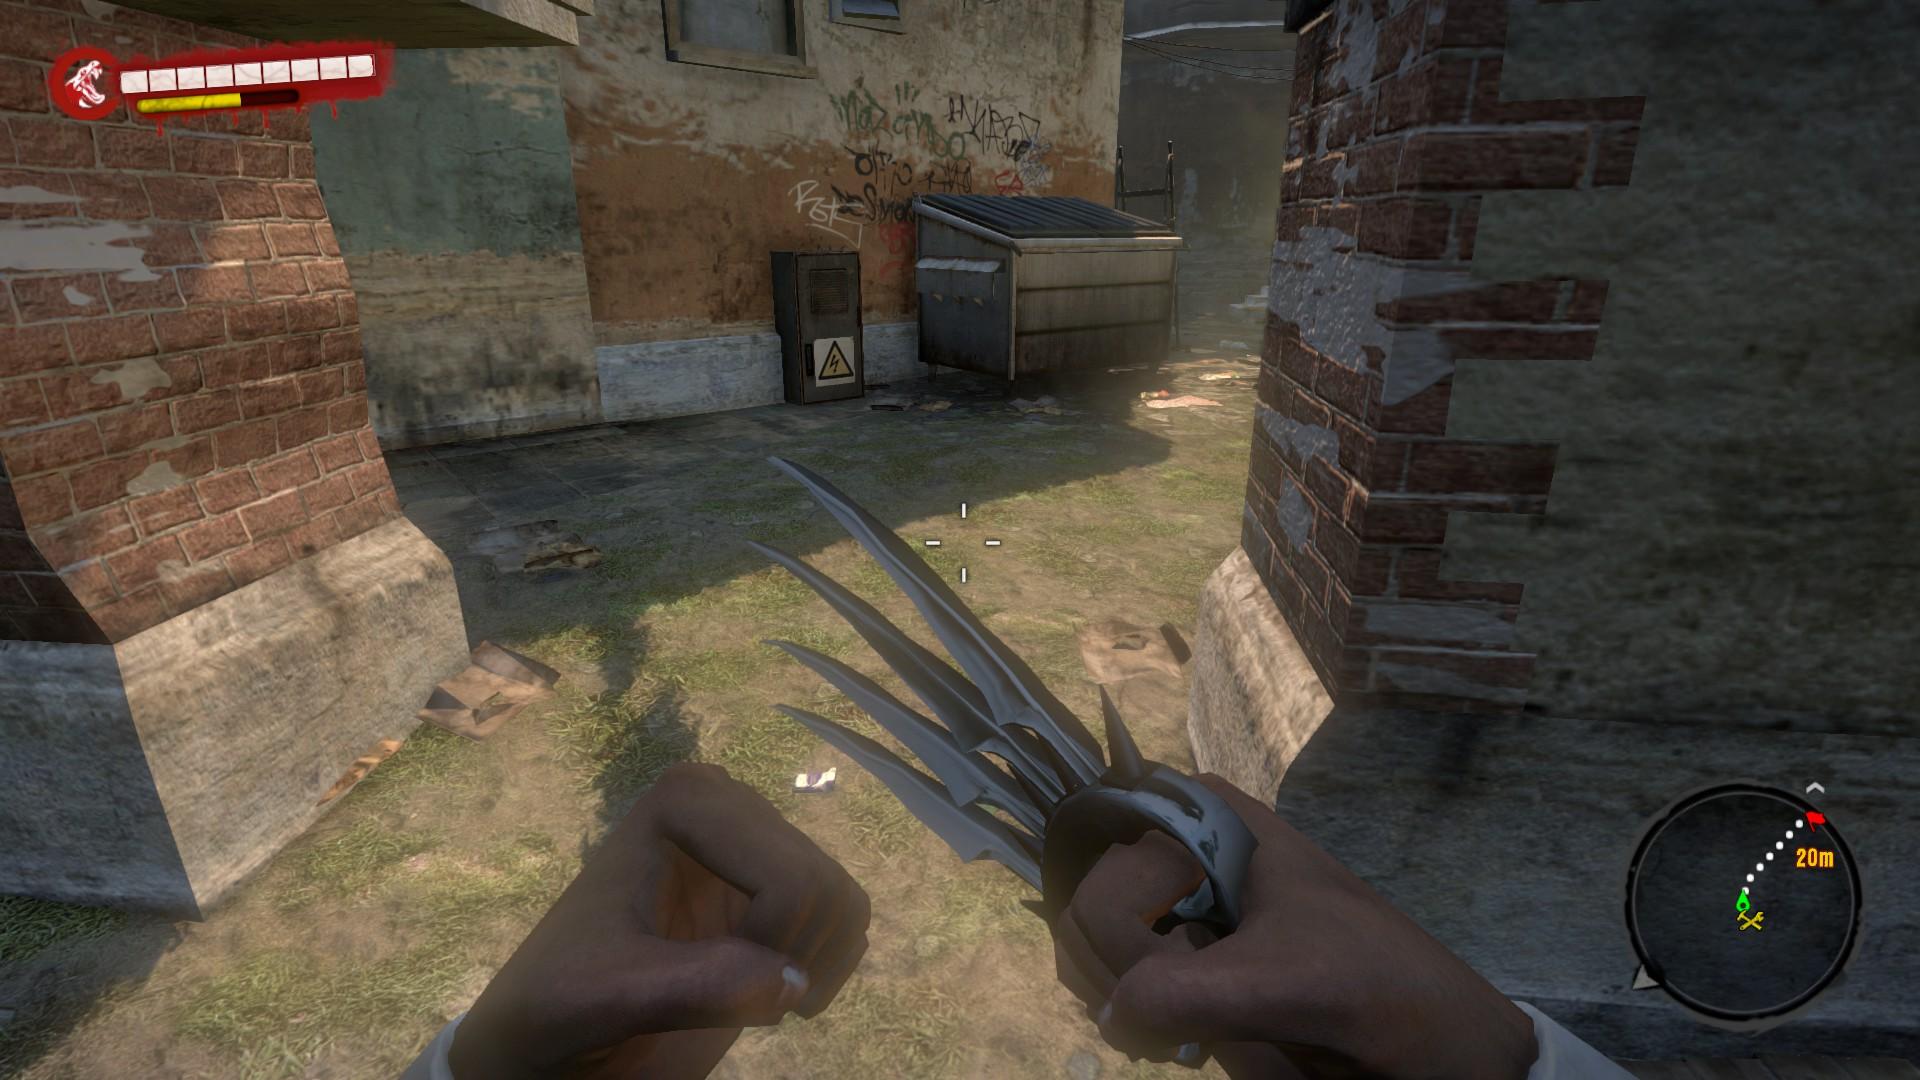 Dead Island Riptide Brass Knuckles Mod